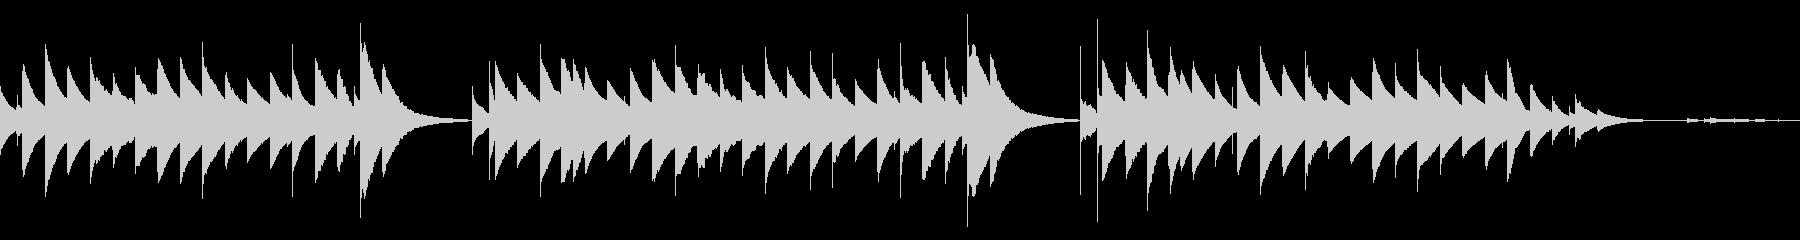 シンプルなオルゴールアレンジの未再生の波形